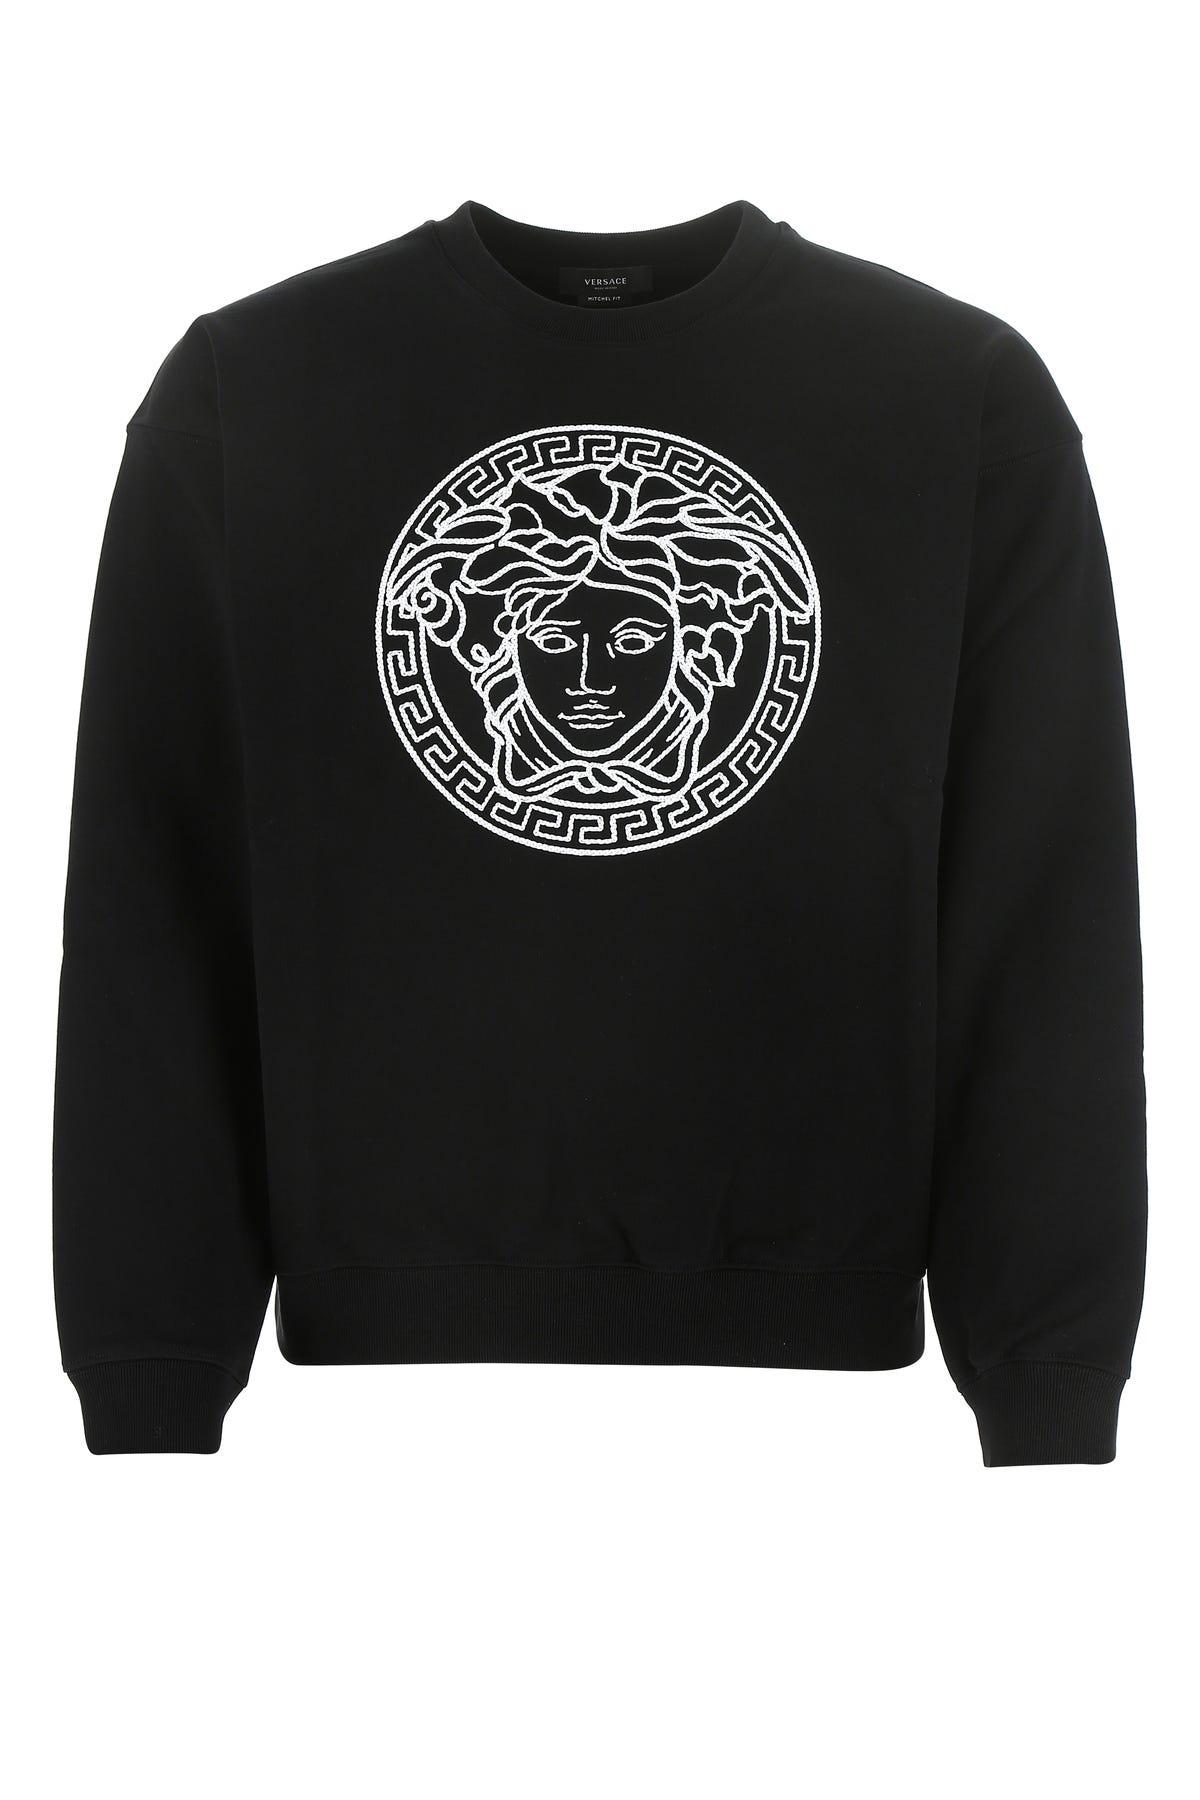 Versace Black Cotton Sweatshirt  Black  Uomo Xl